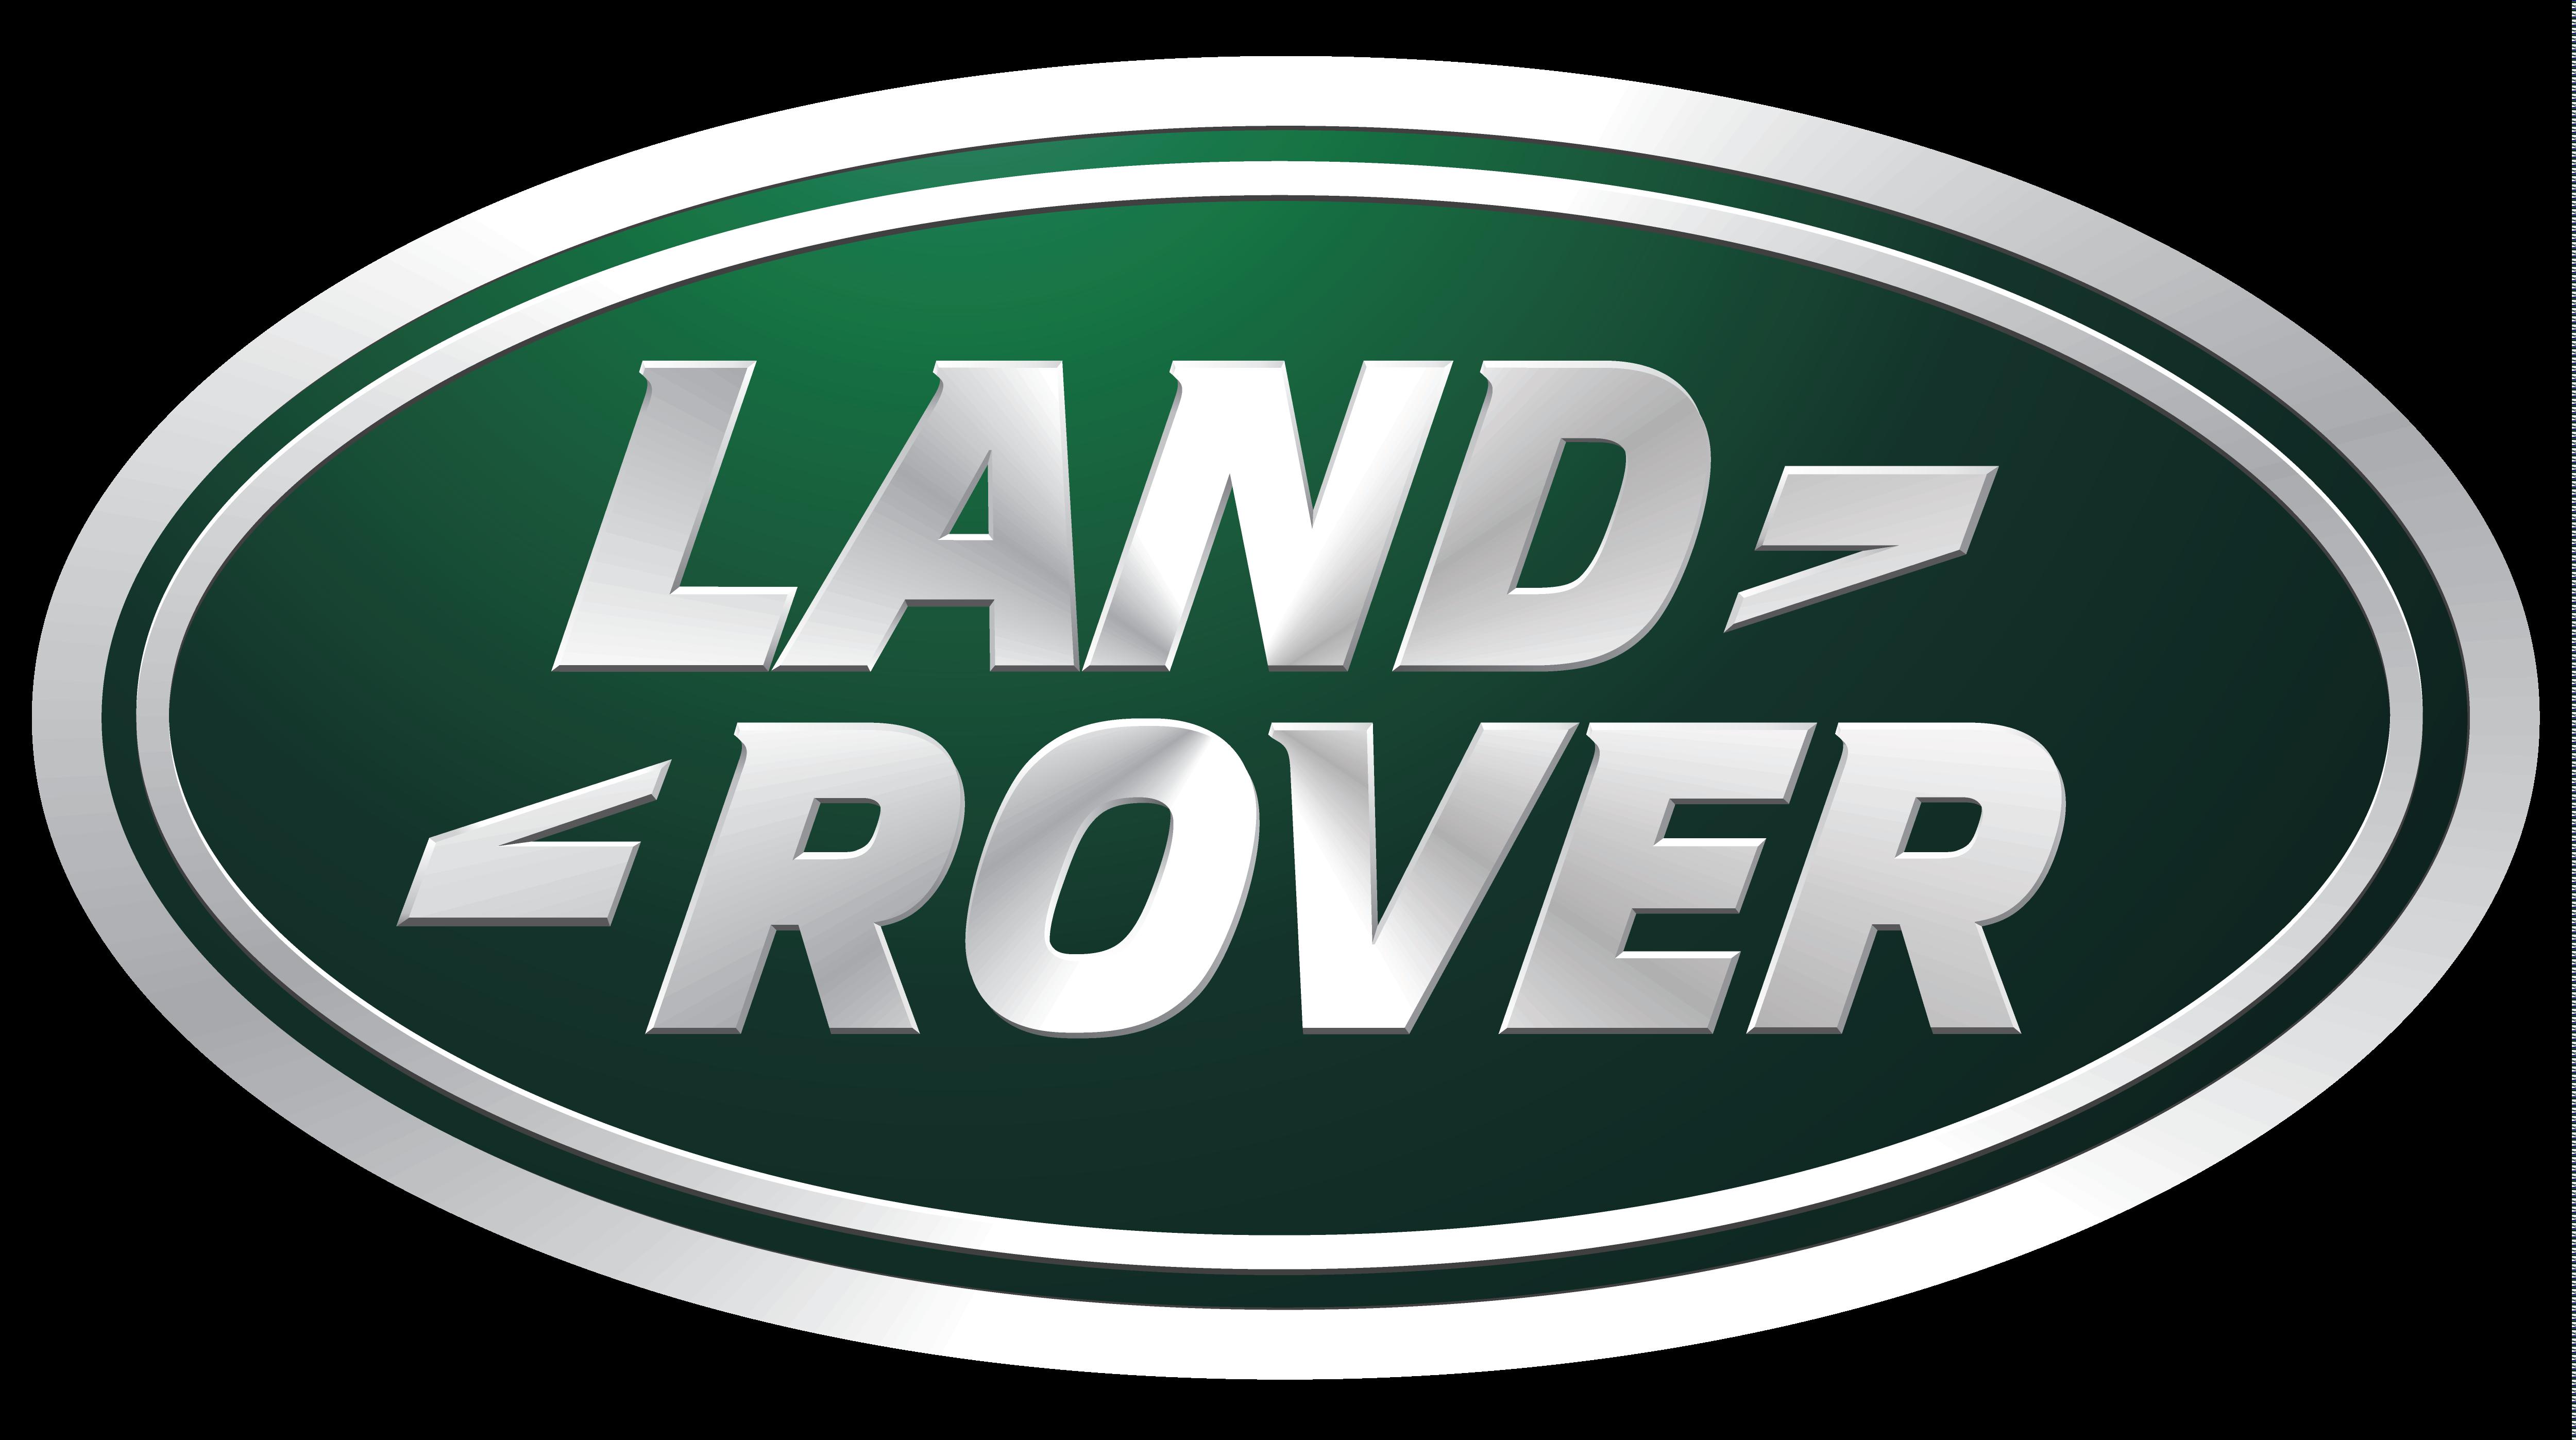 jaguar land rover logo png. Black Bedroom Furniture Sets. Home Design Ideas